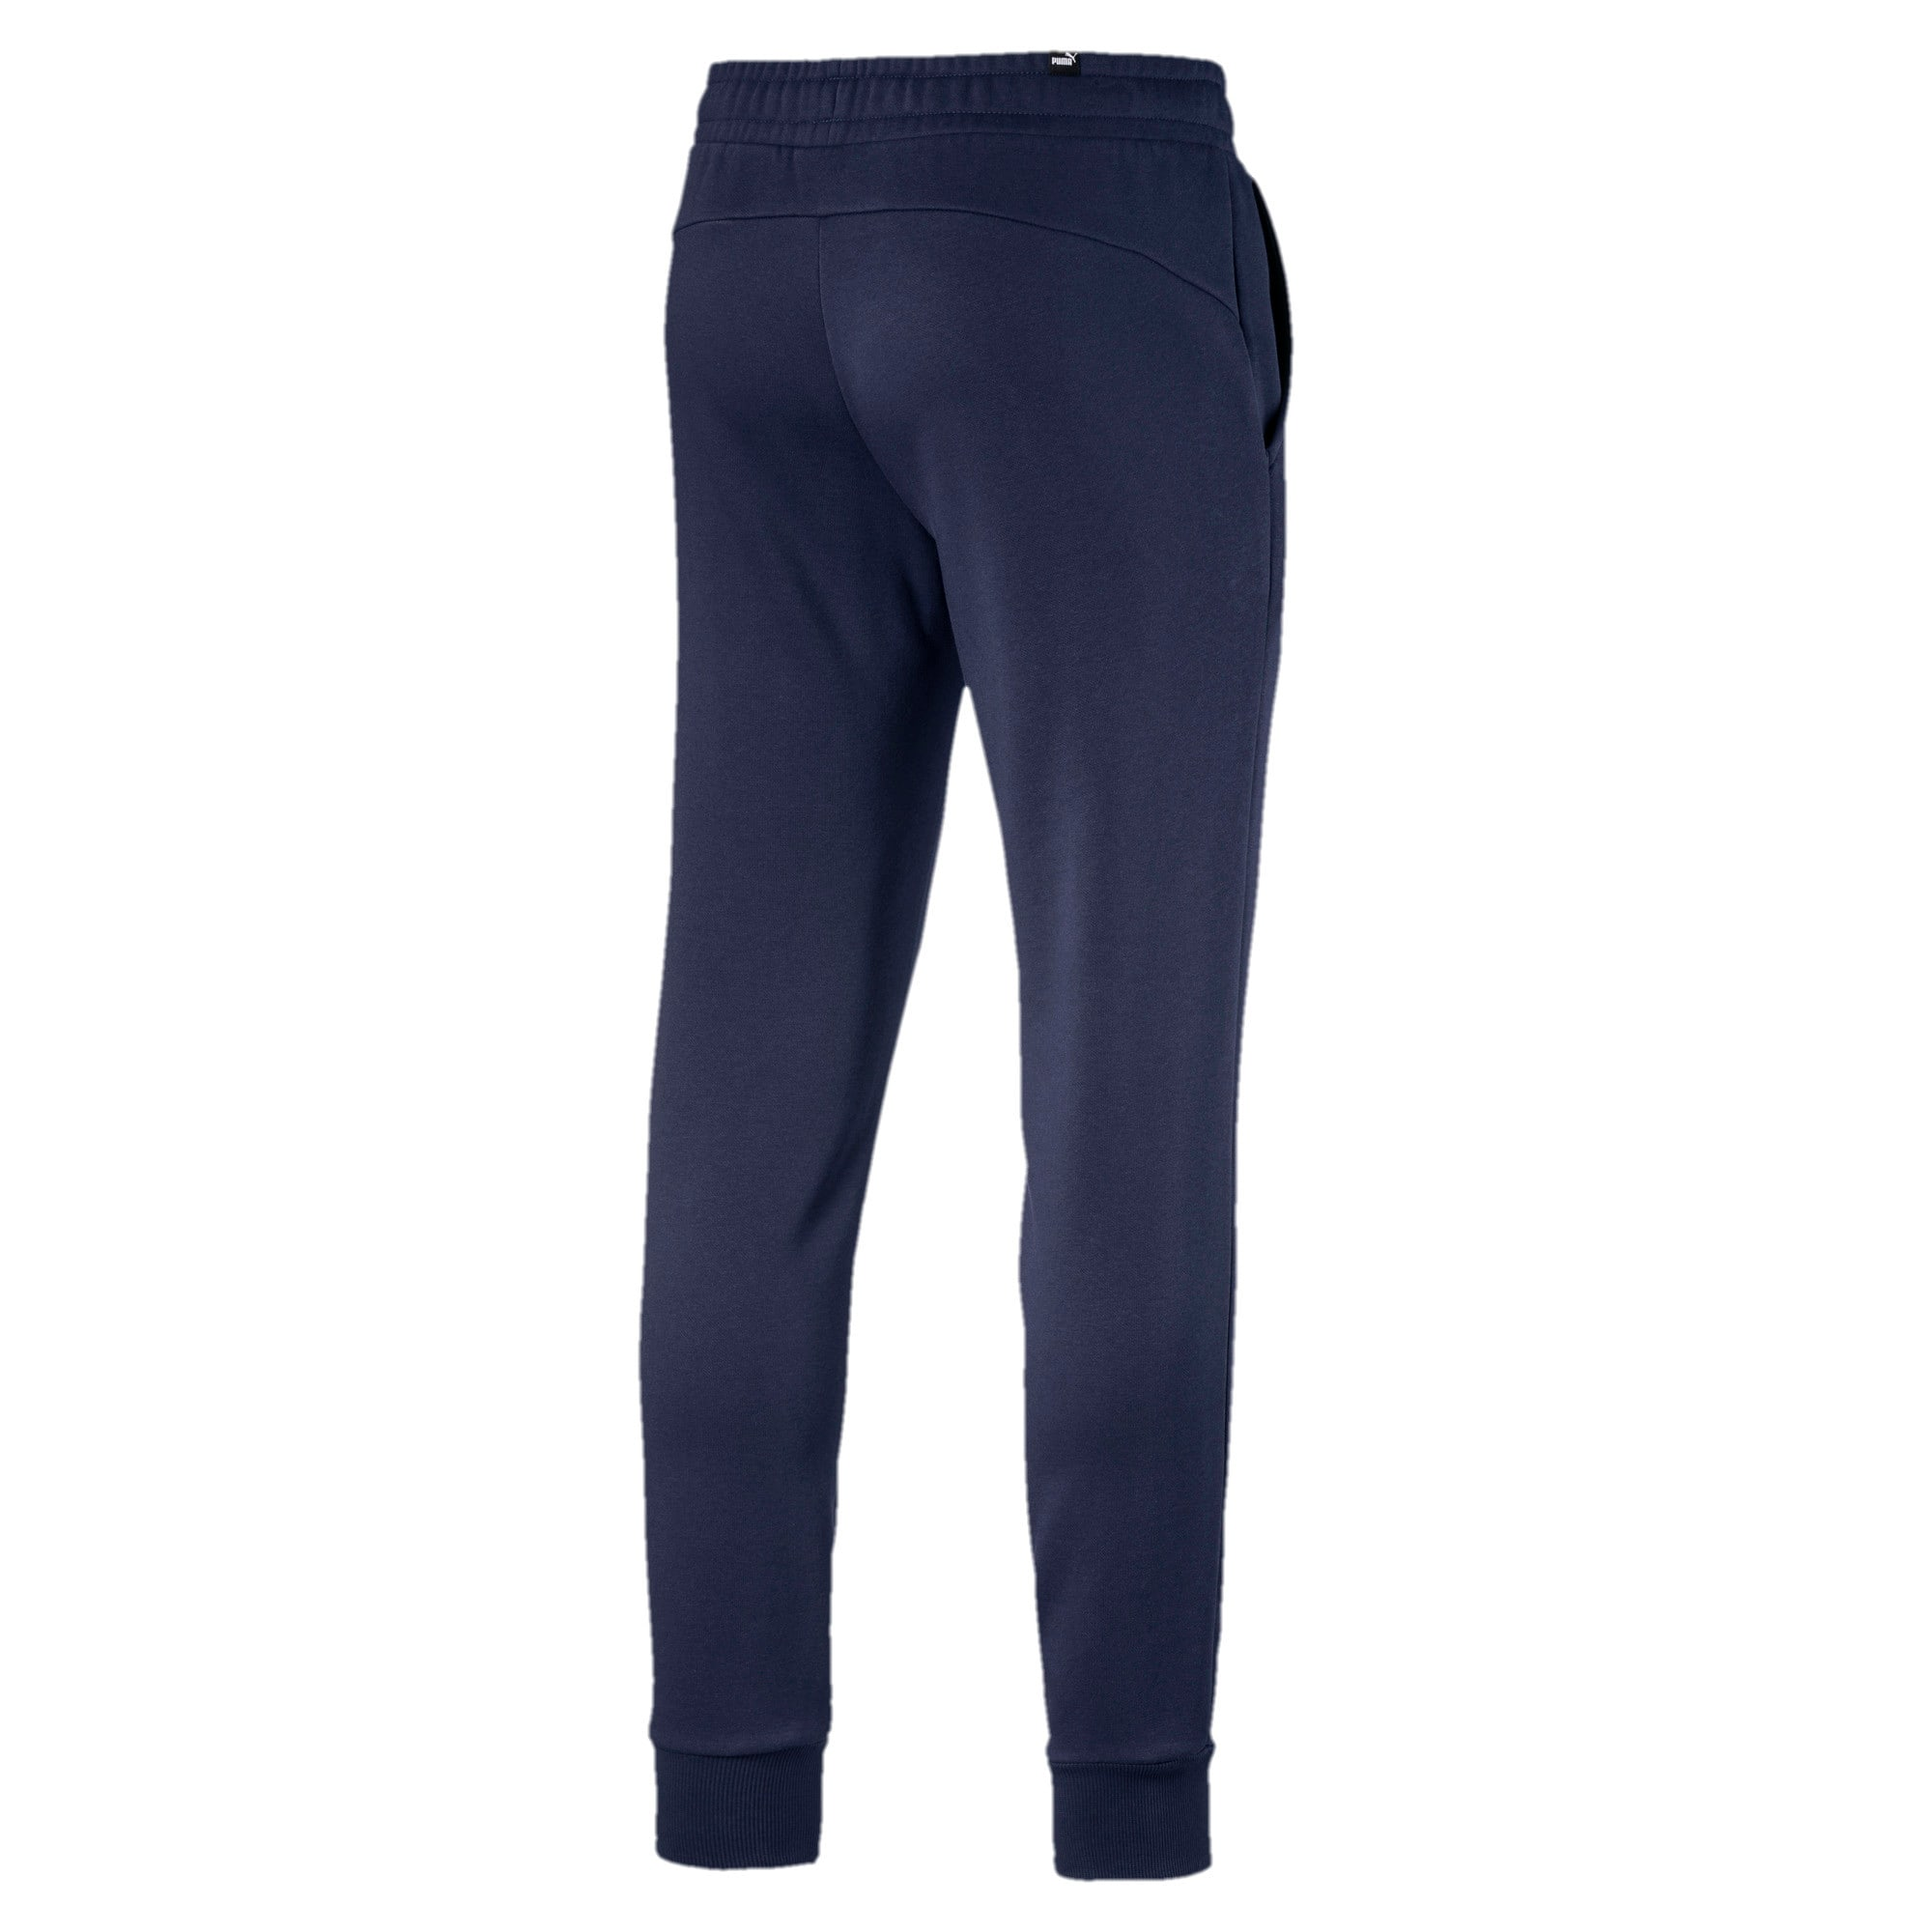 Miniatura 5 de Pantalones de polar Essentials para hombre, Peacoat, mediano